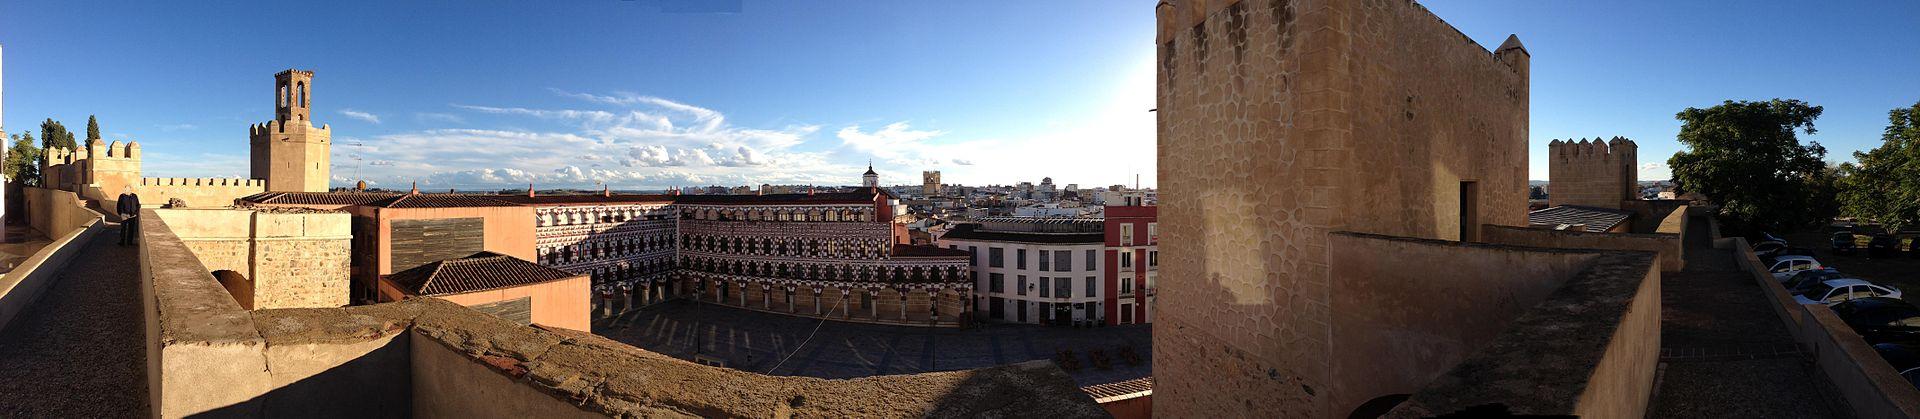 vista_desde_la_alcazaba_de_la_plaza_alta_y_la_ciudad_de_badajoz